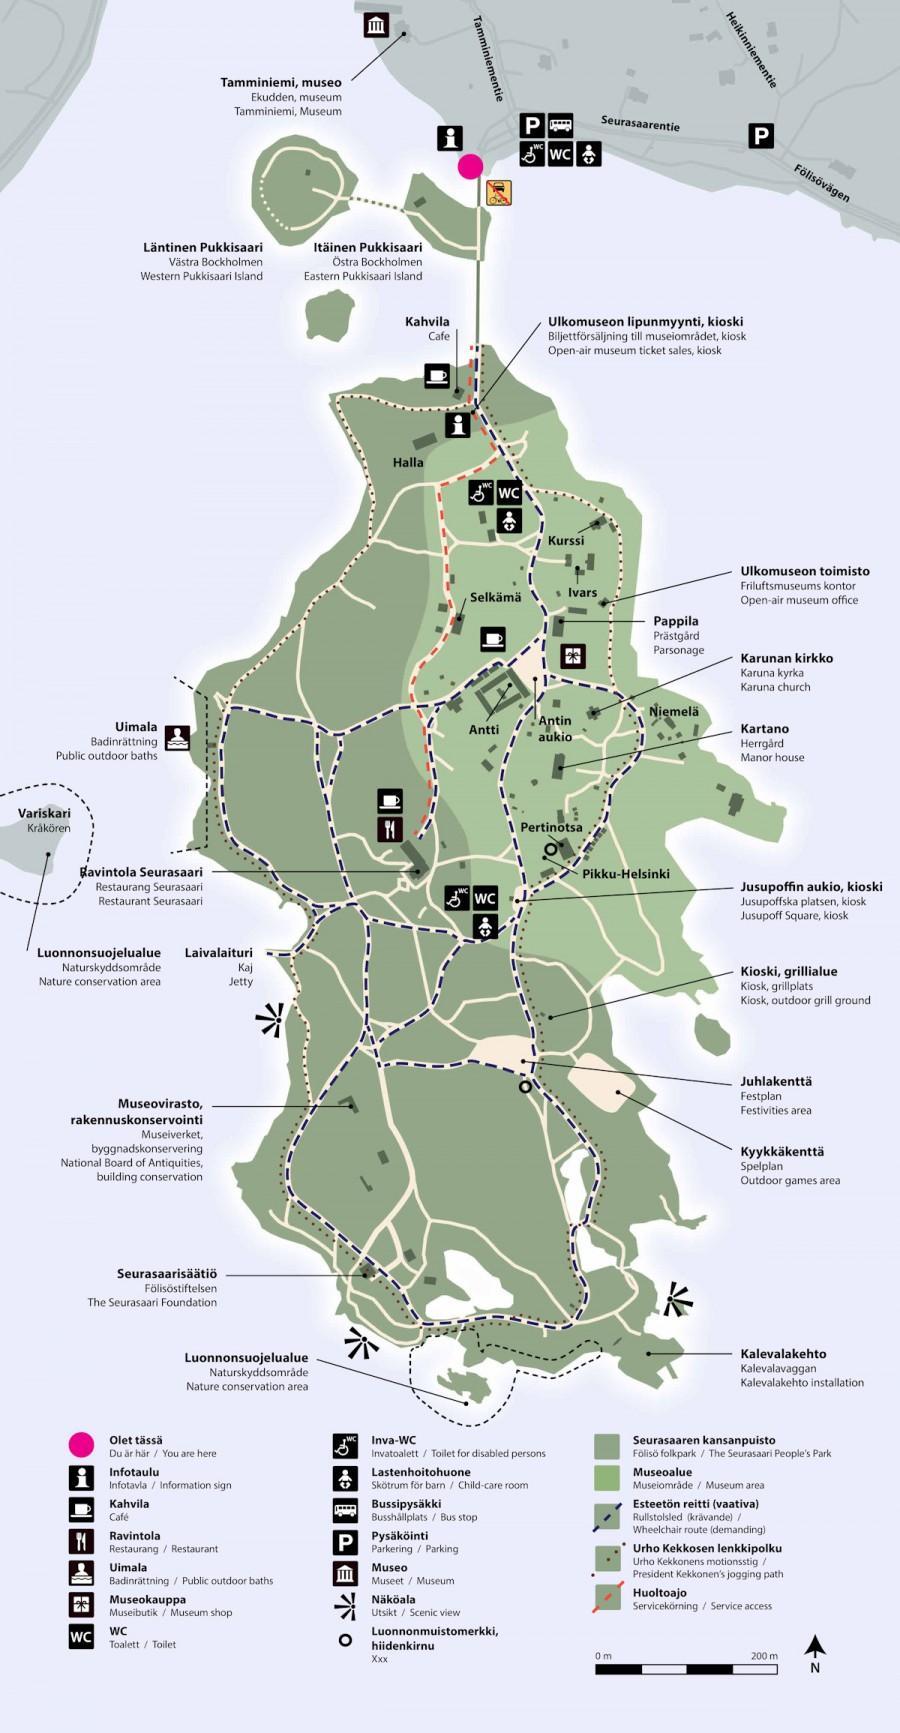 Karttakuva Seurasaaresta, kuvassa näkyvät museotalojen ja keskeisten paikkojen sijannit.